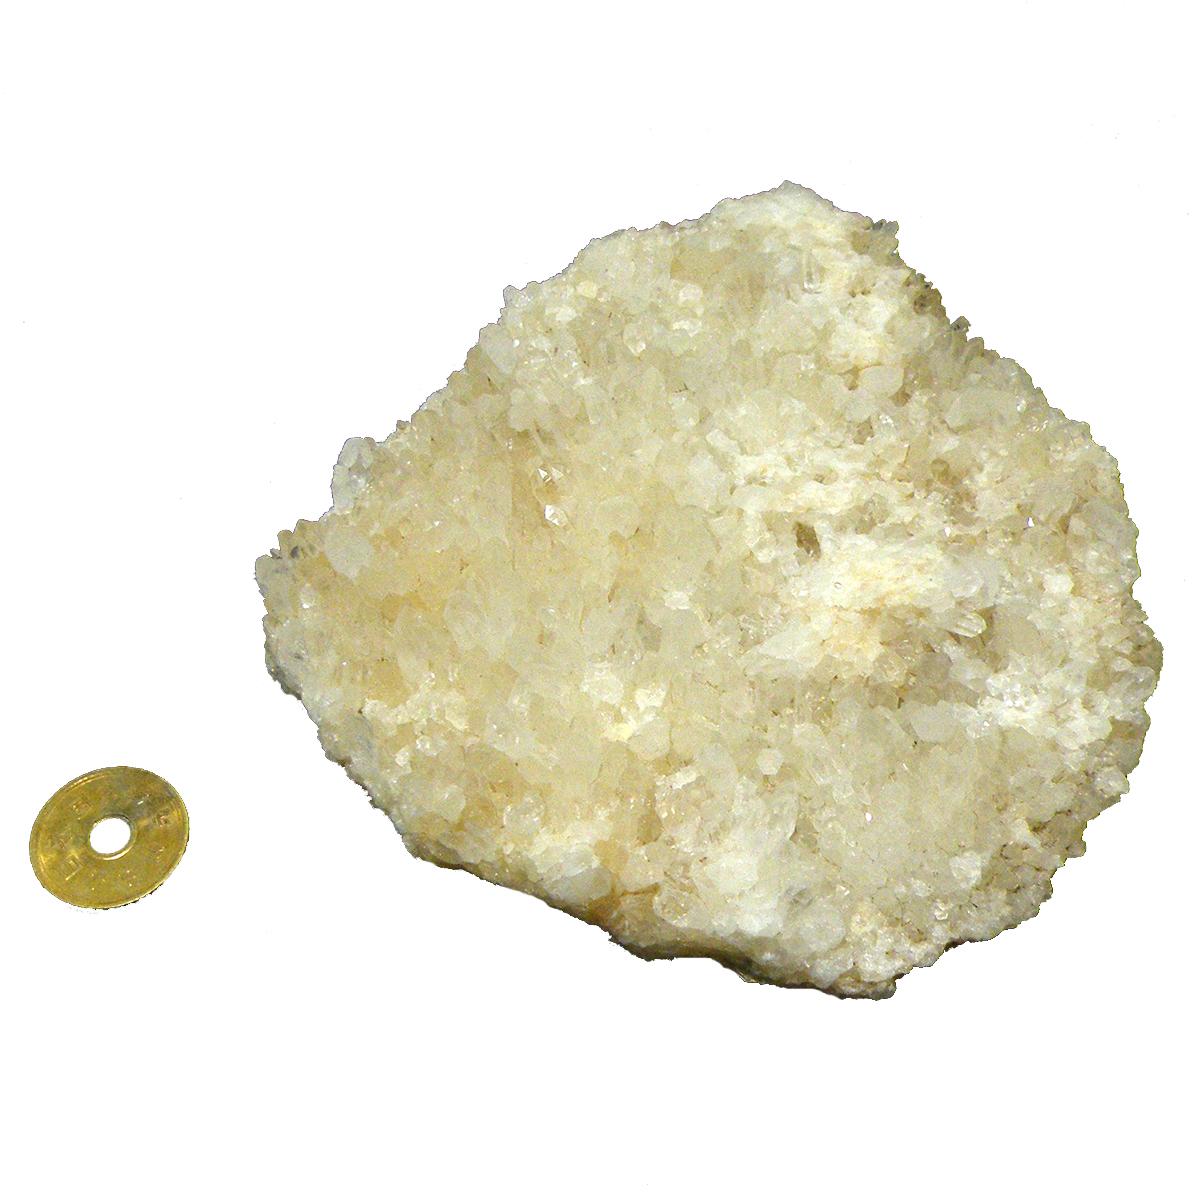 【1点限定】クォーツ水晶/クラスター 約550g 天然石 原石 パワーストーン スピリチュアル ヒーリング コレクション